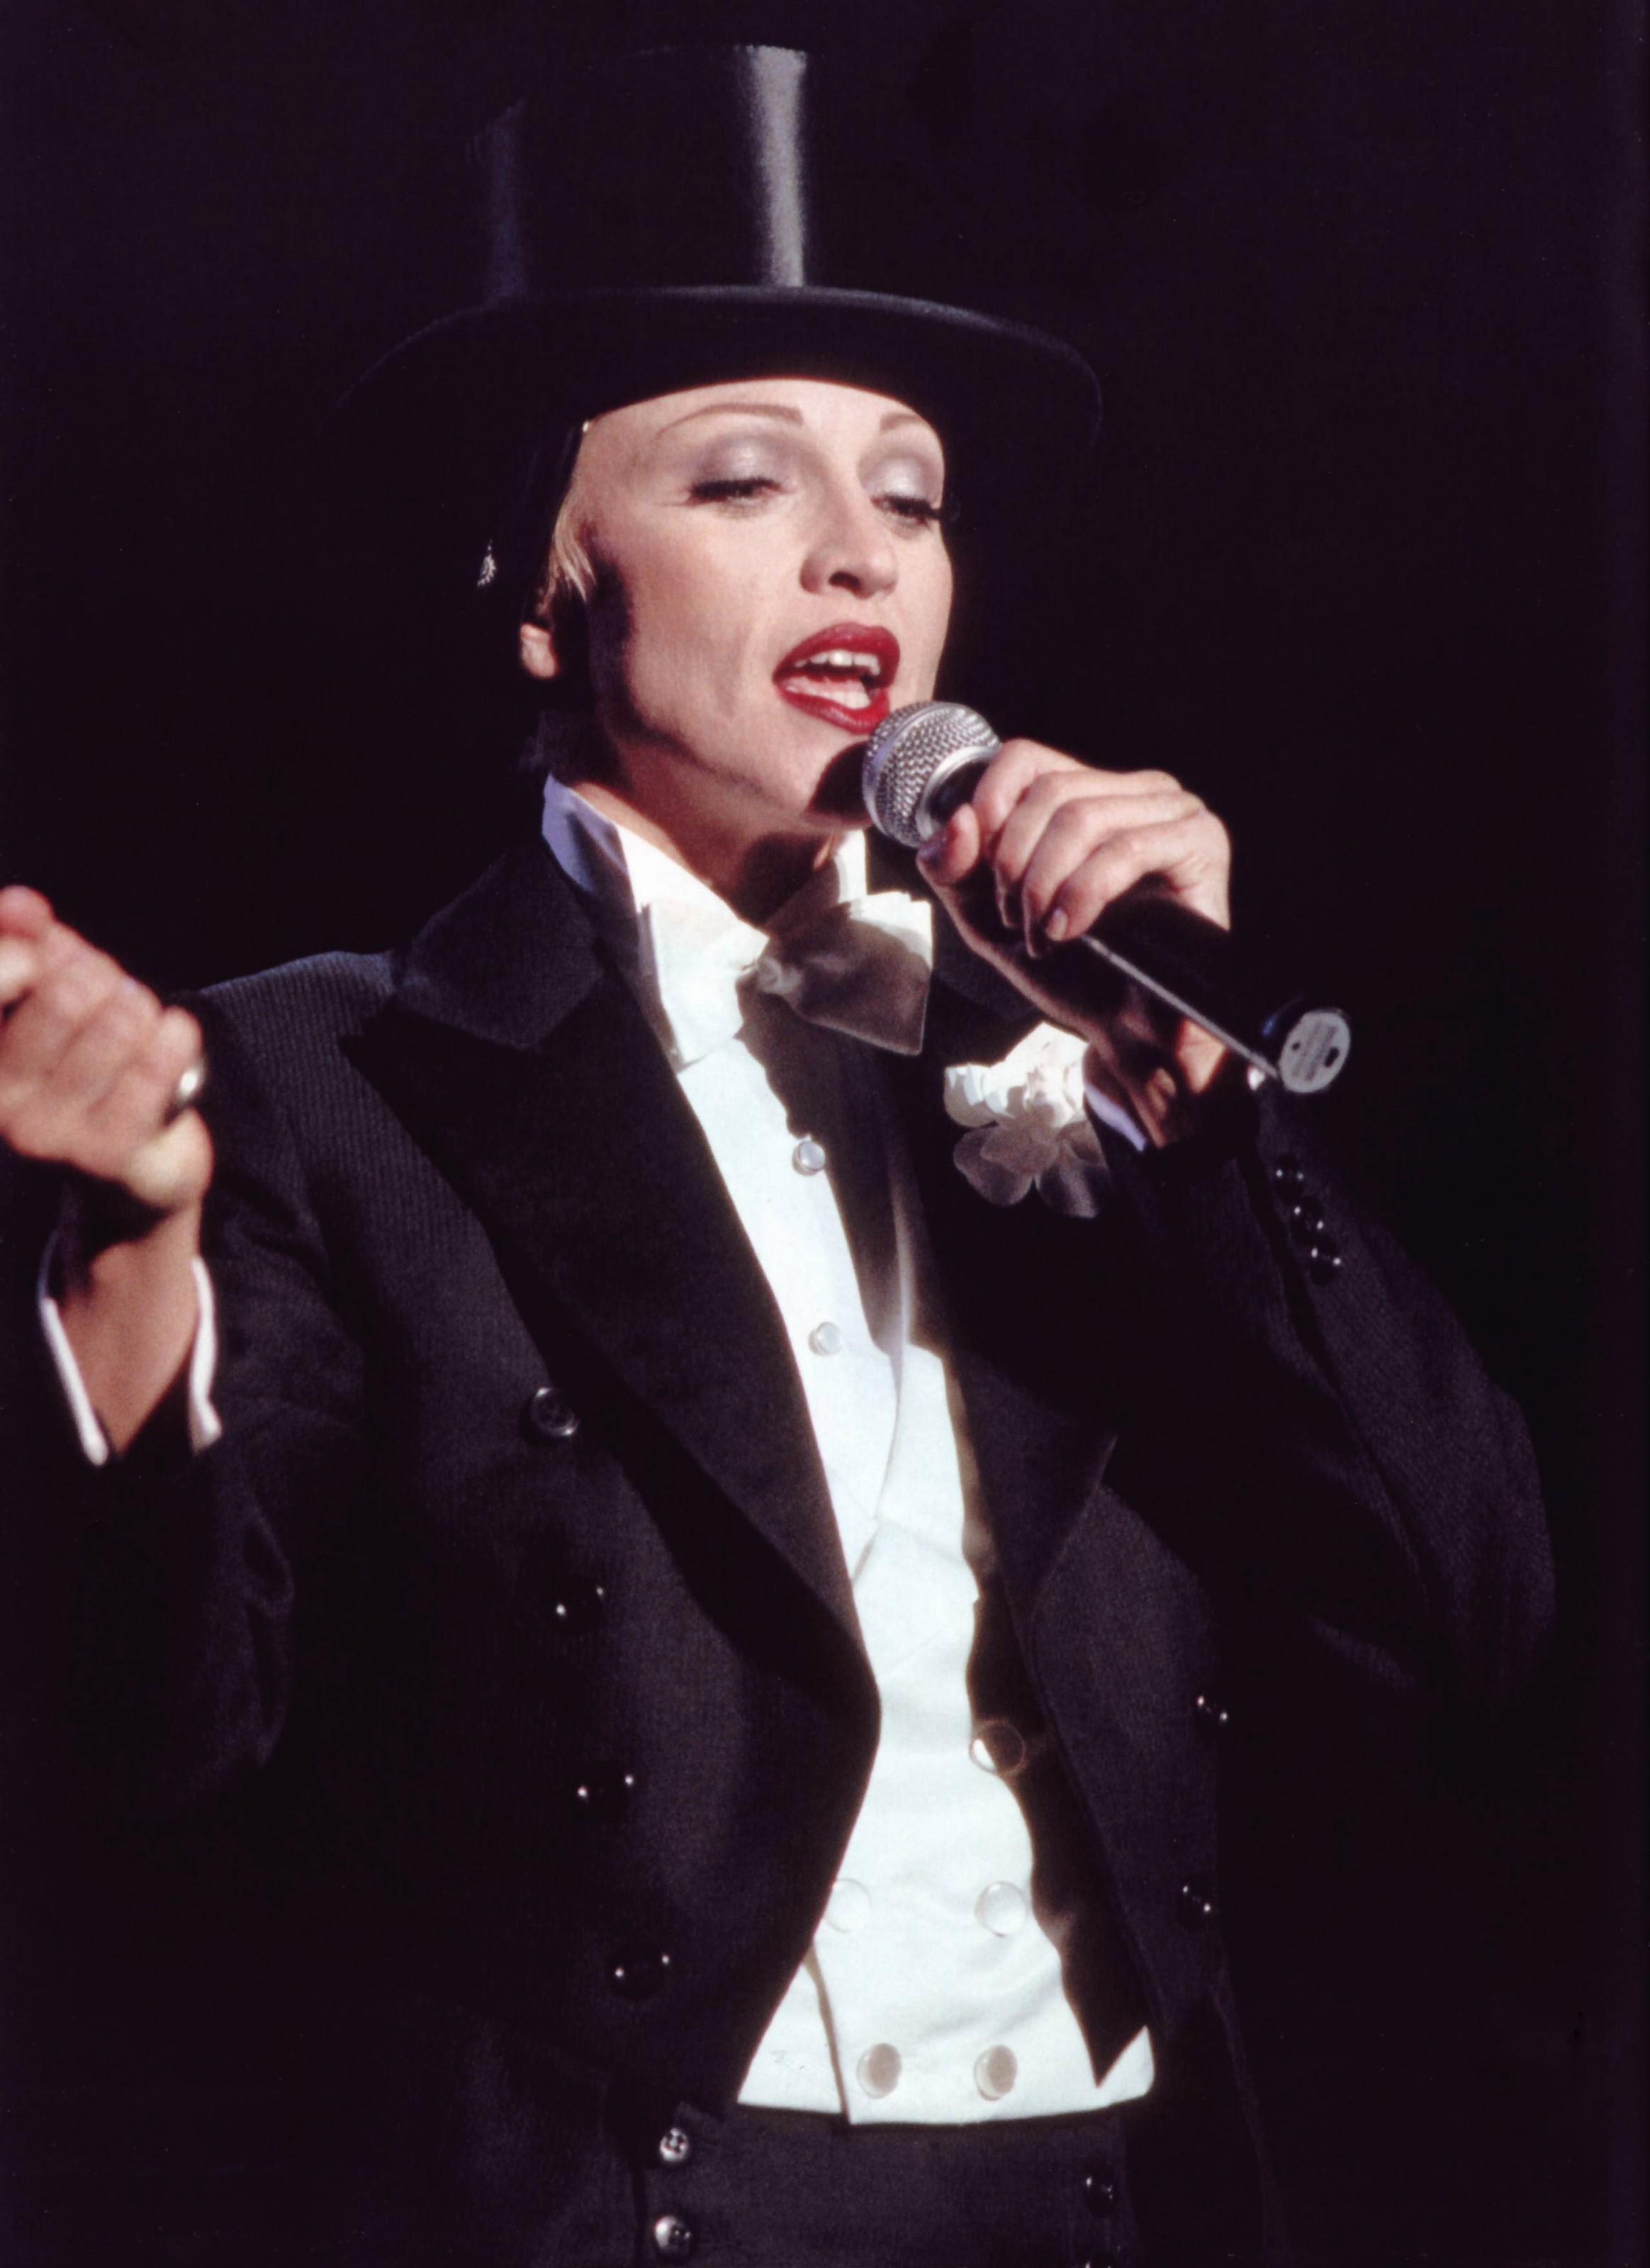 Madonna erotica 1993 - 4 2